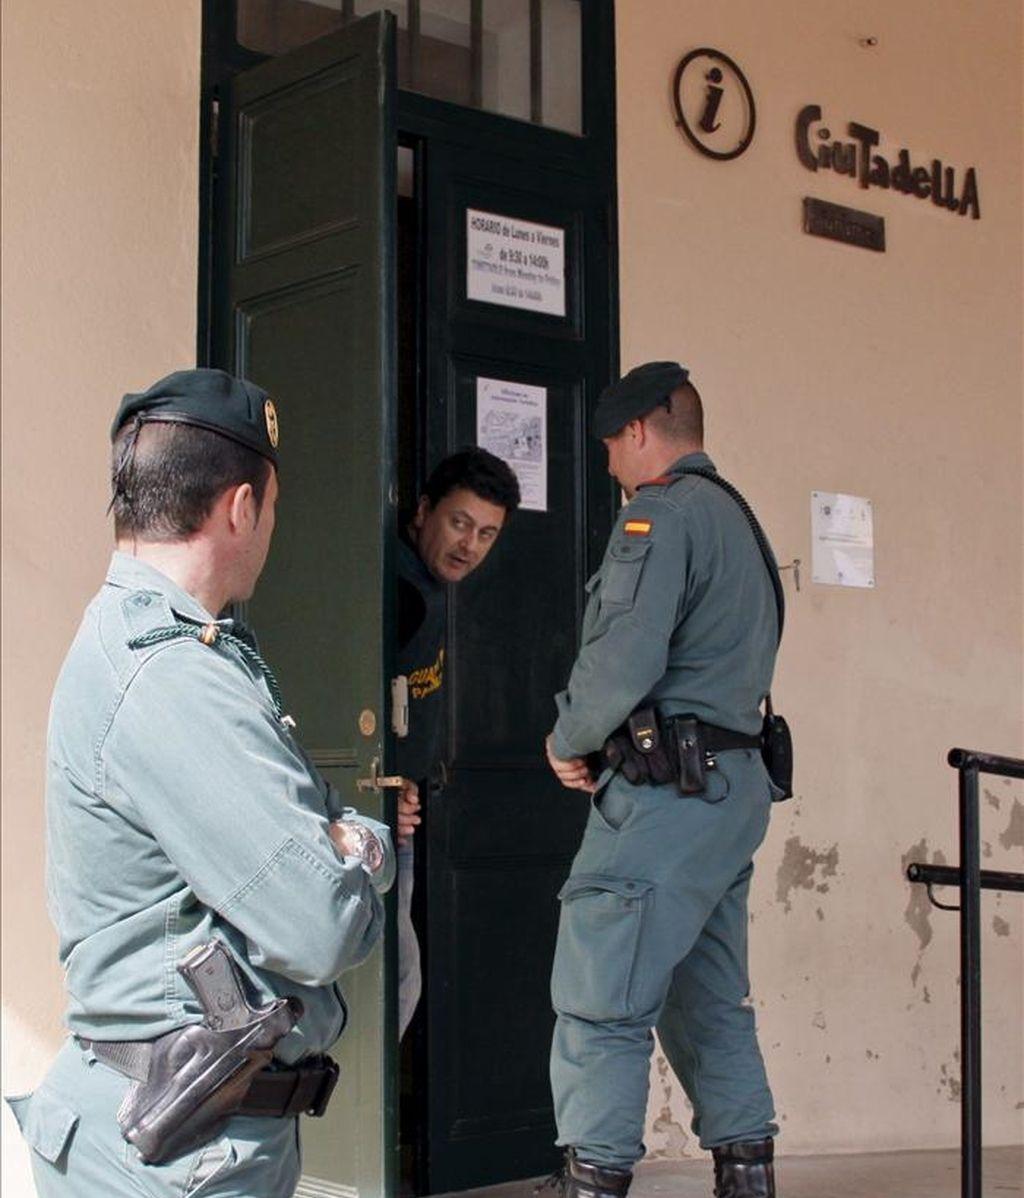 Dos guardias civiles permanecen junto a la oficina de turismo de Ciutadella (Menorca), en donde fueron sido detenidos el ex alcalde de la localidad Llorenç Brondo y el ex teniente de alcalde de Urbanismo Avel·lí Casasnovas. EFE/Archivo